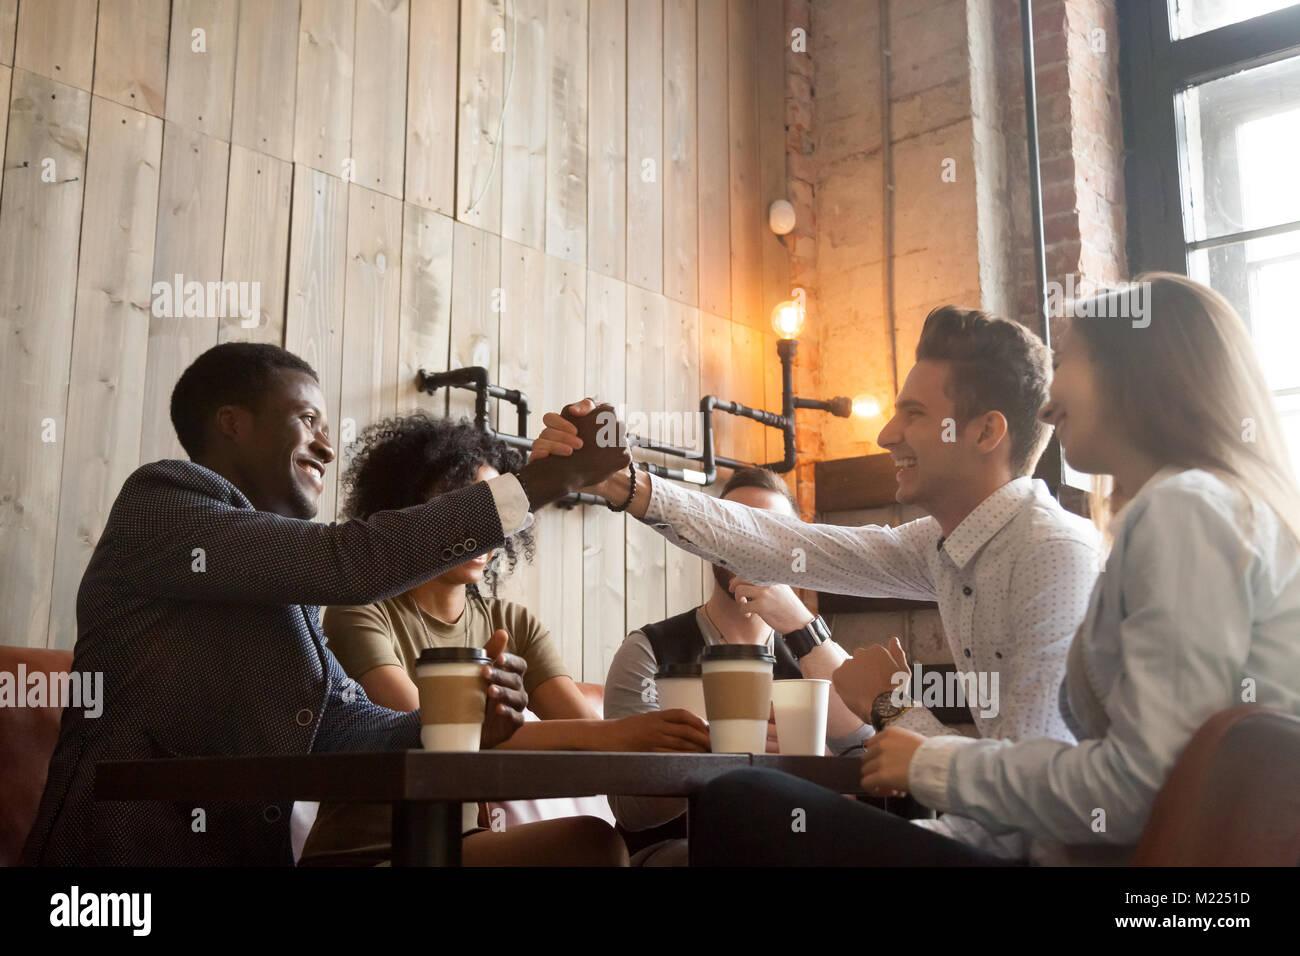 Africani e caucasici handshaking gli uomini a coffeehouse incontro wit Immagini Stock